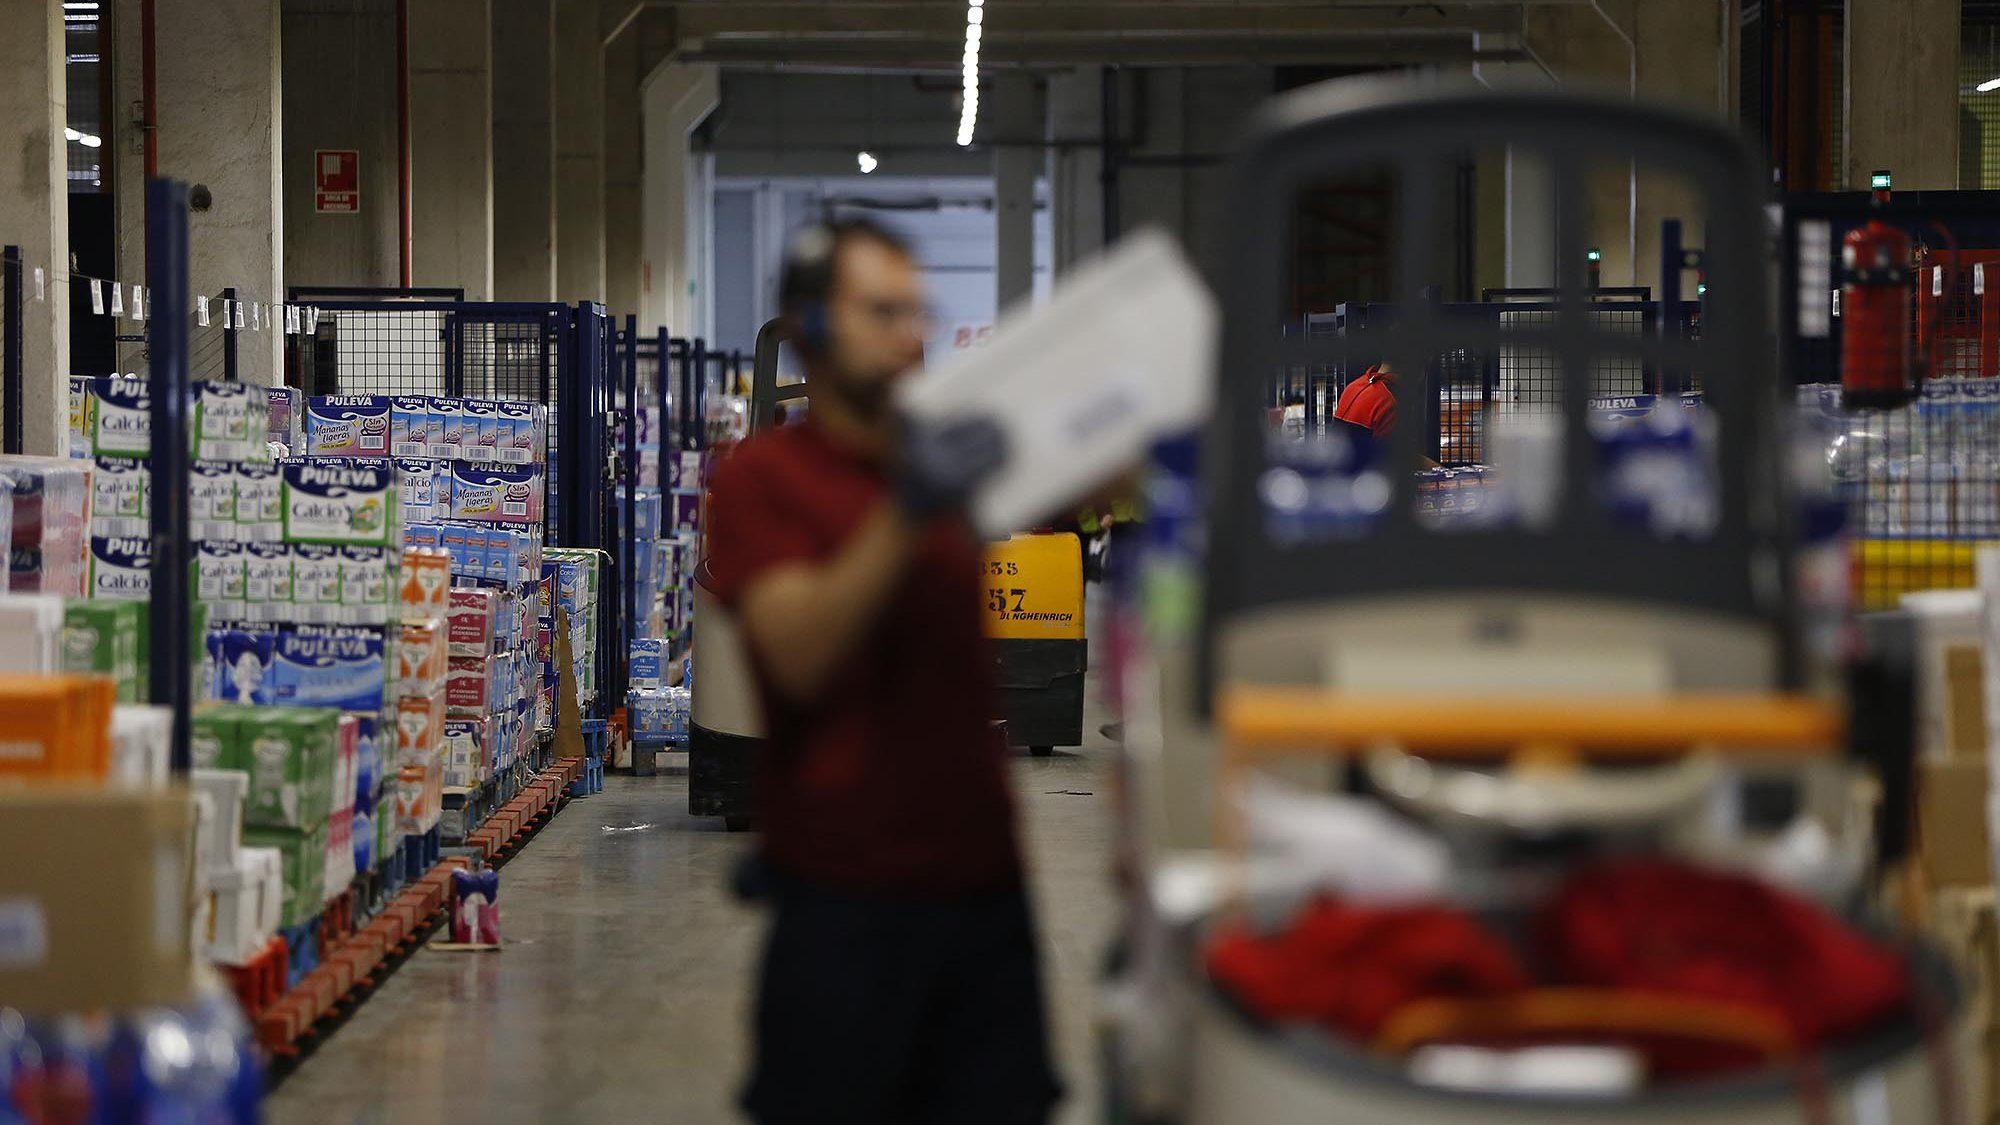 La falta de material sanitario amenaza los flujos logísticos de bienes básicos